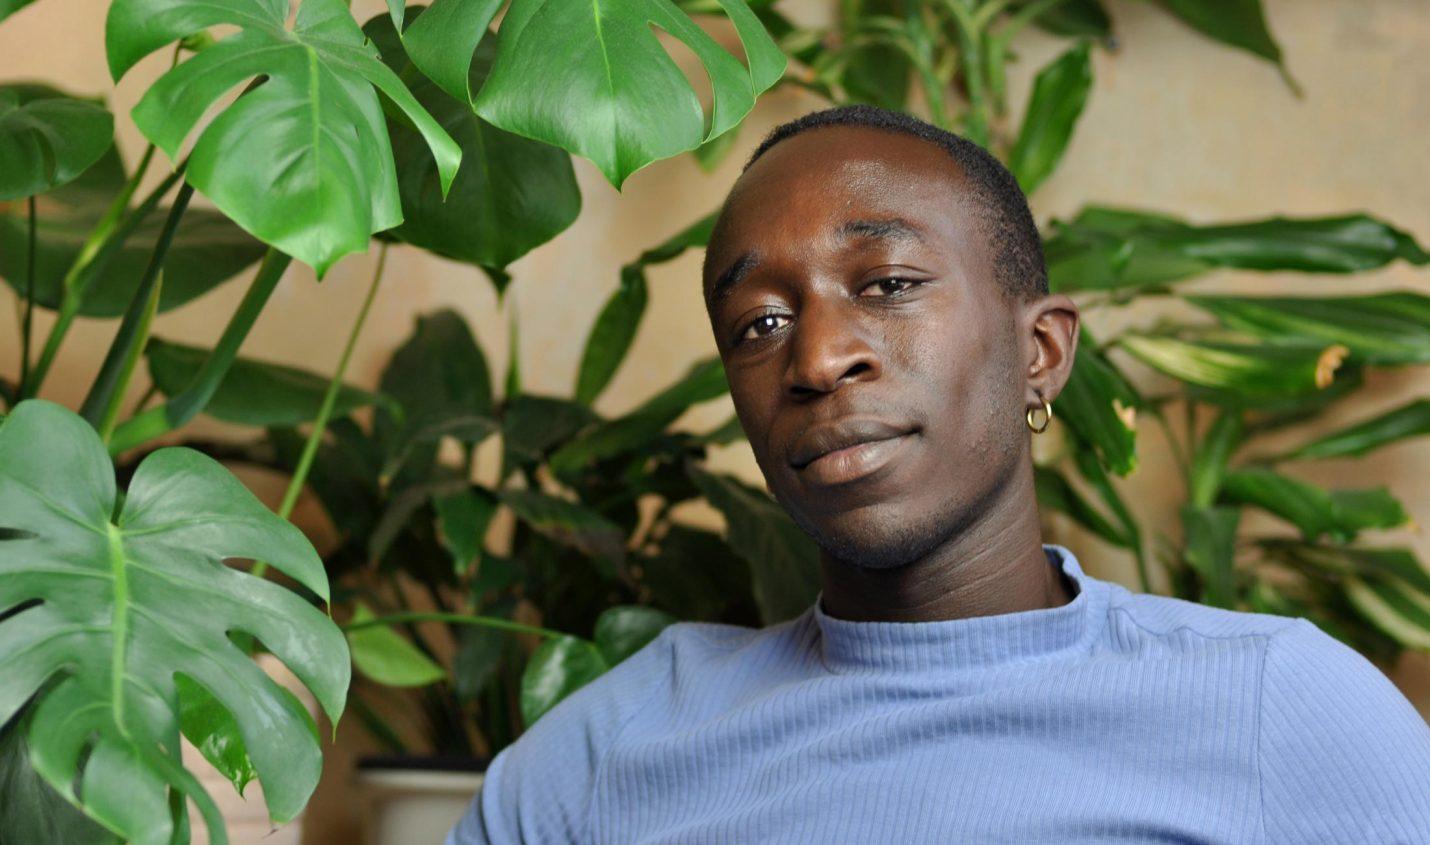 Up And Coming: Agyena - über Identität, Safer Spaces und Eskapismus